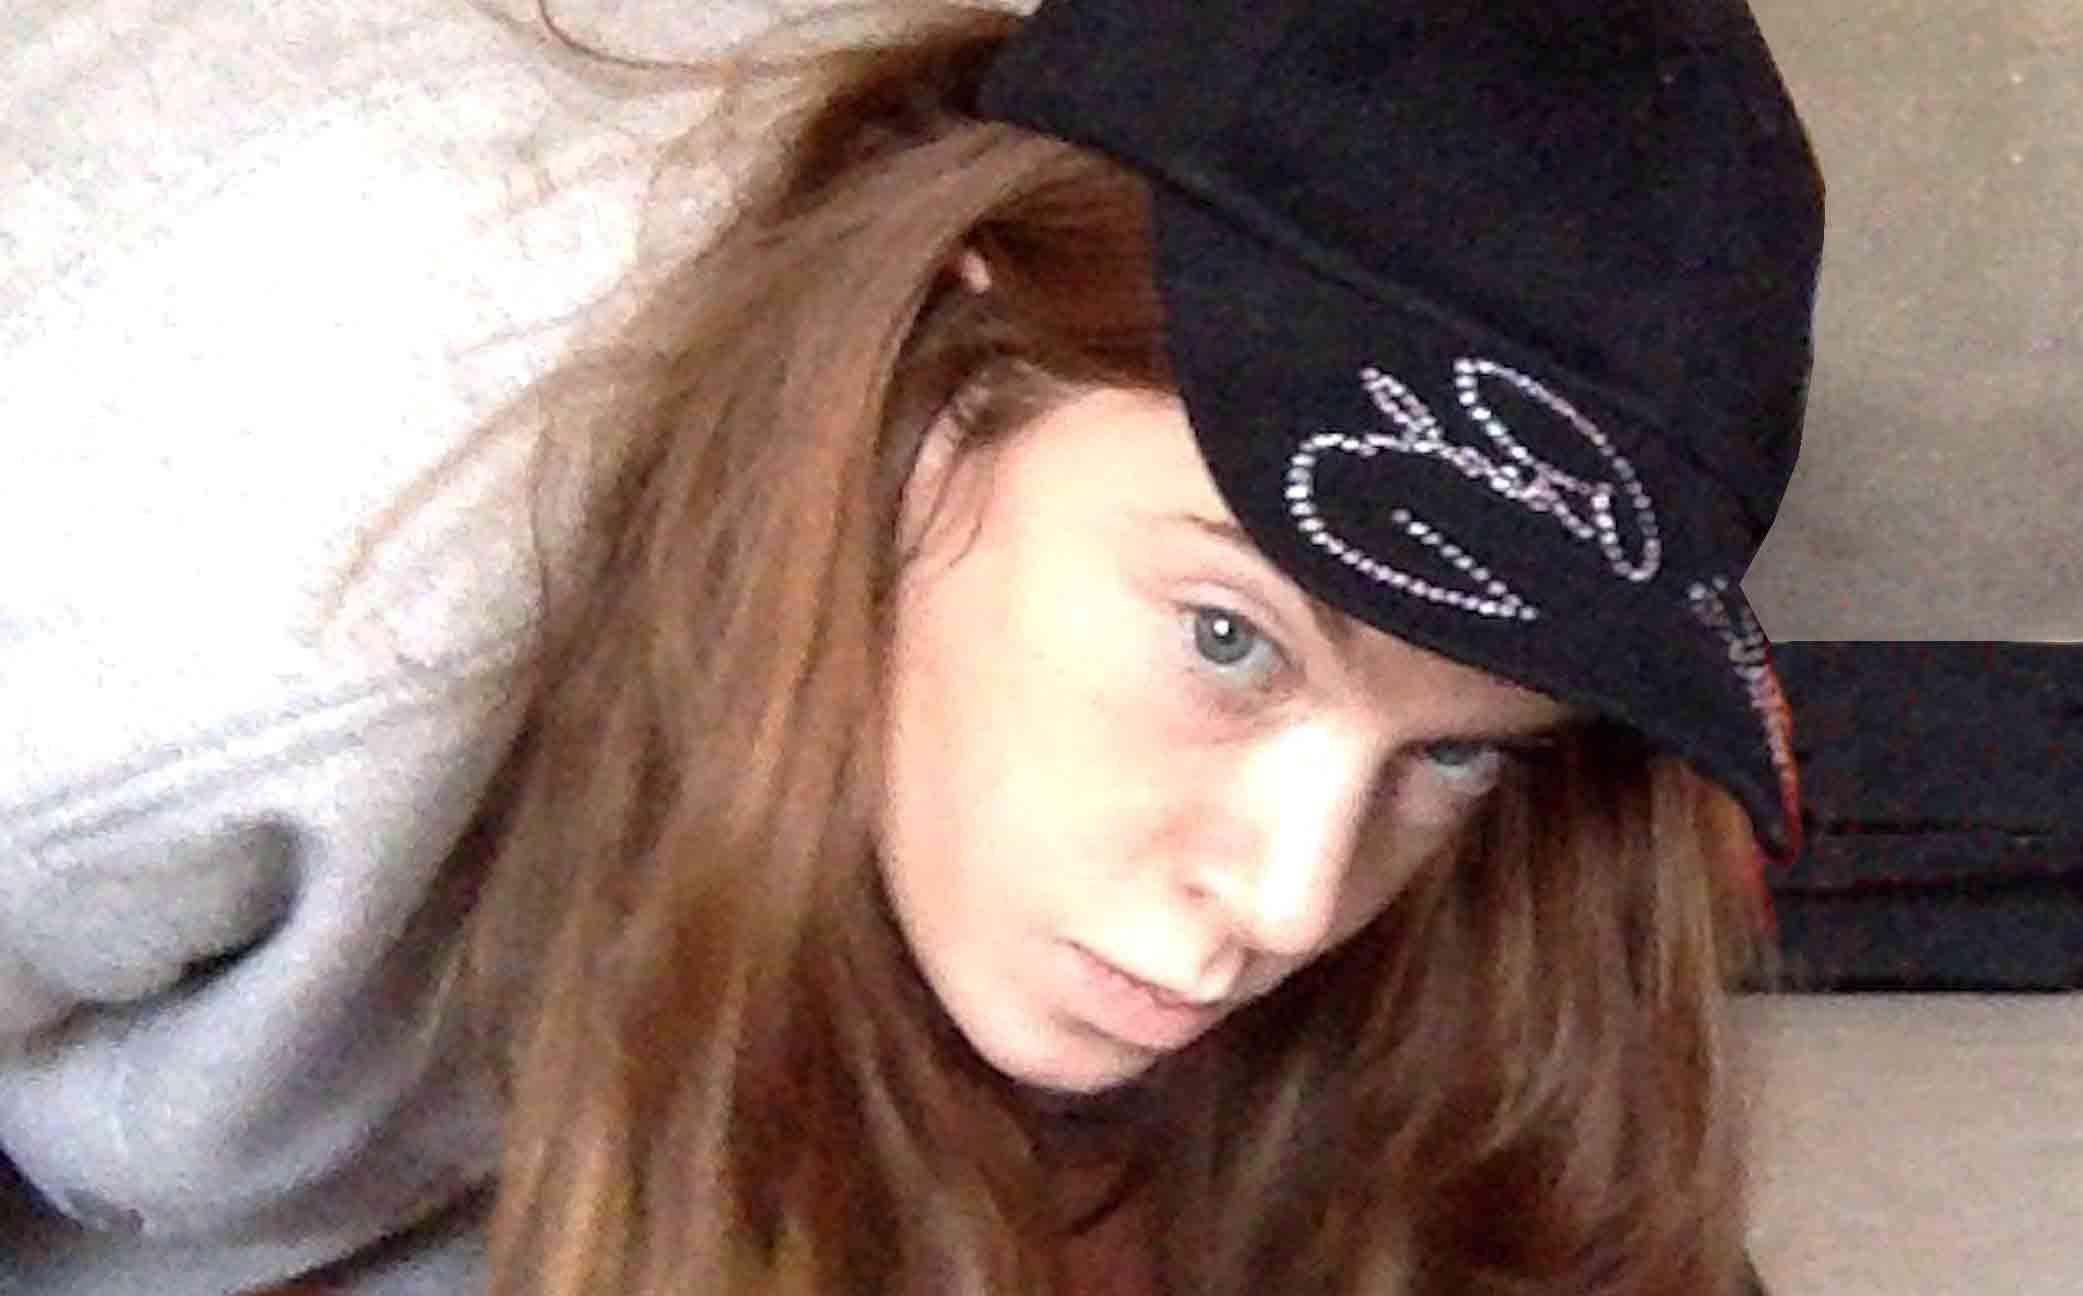 Emmilou Rößling hat eine schwarze Basecap auf dem Kopf und hat